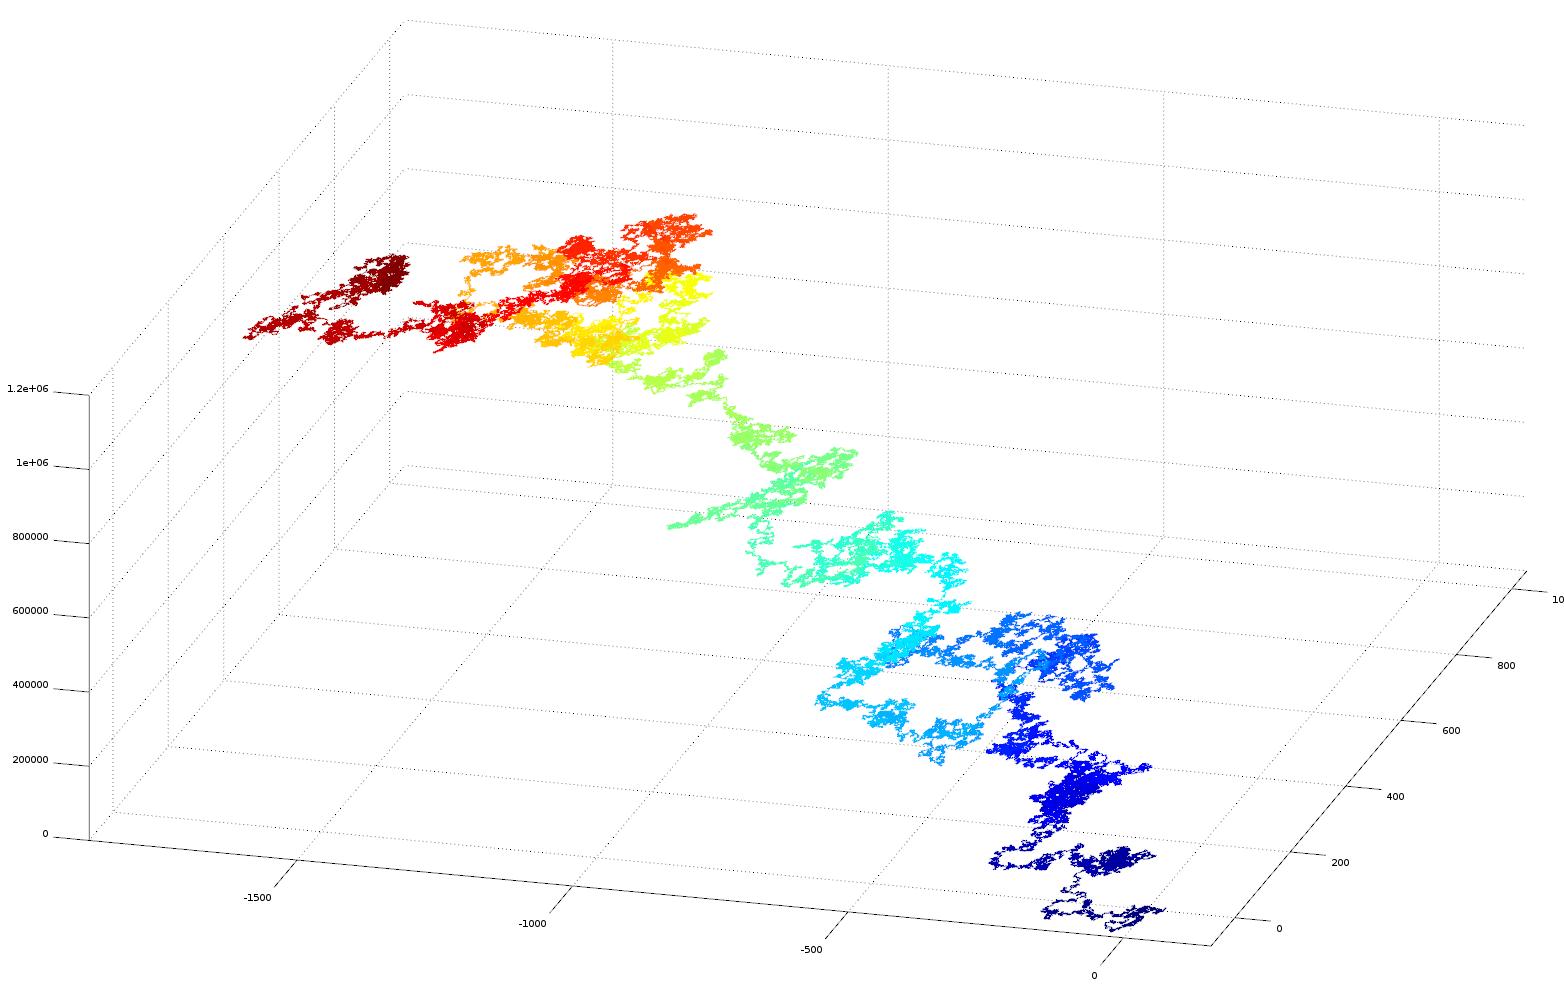 3D plot of e as vector